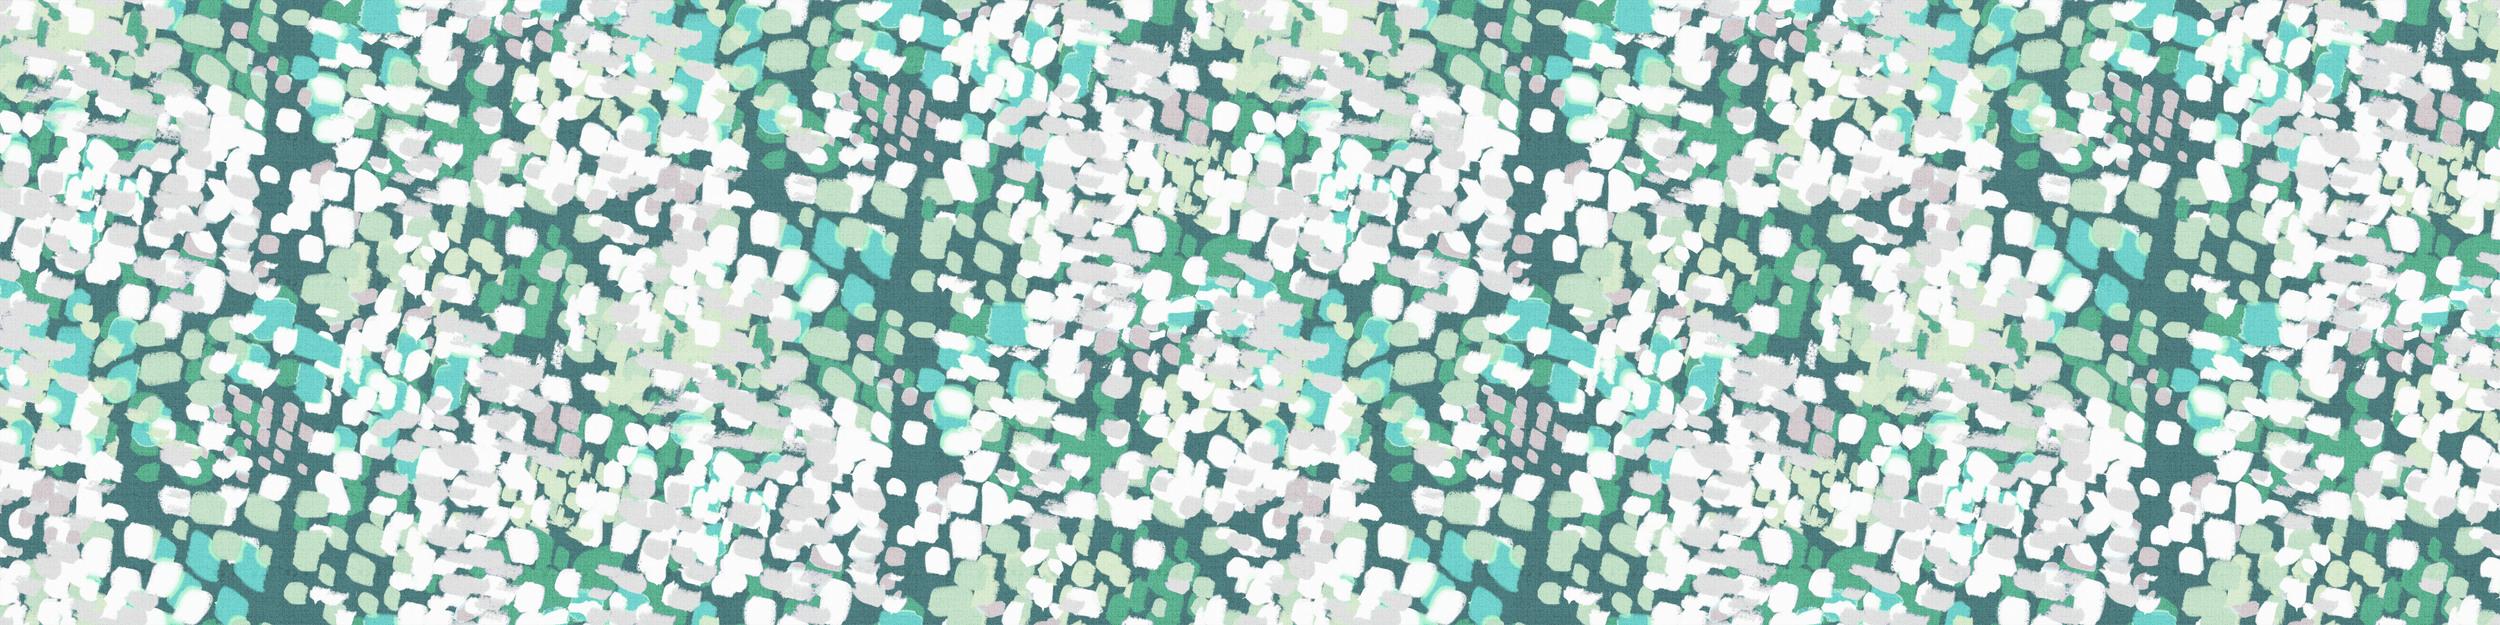 dappled light jade zest.jpg